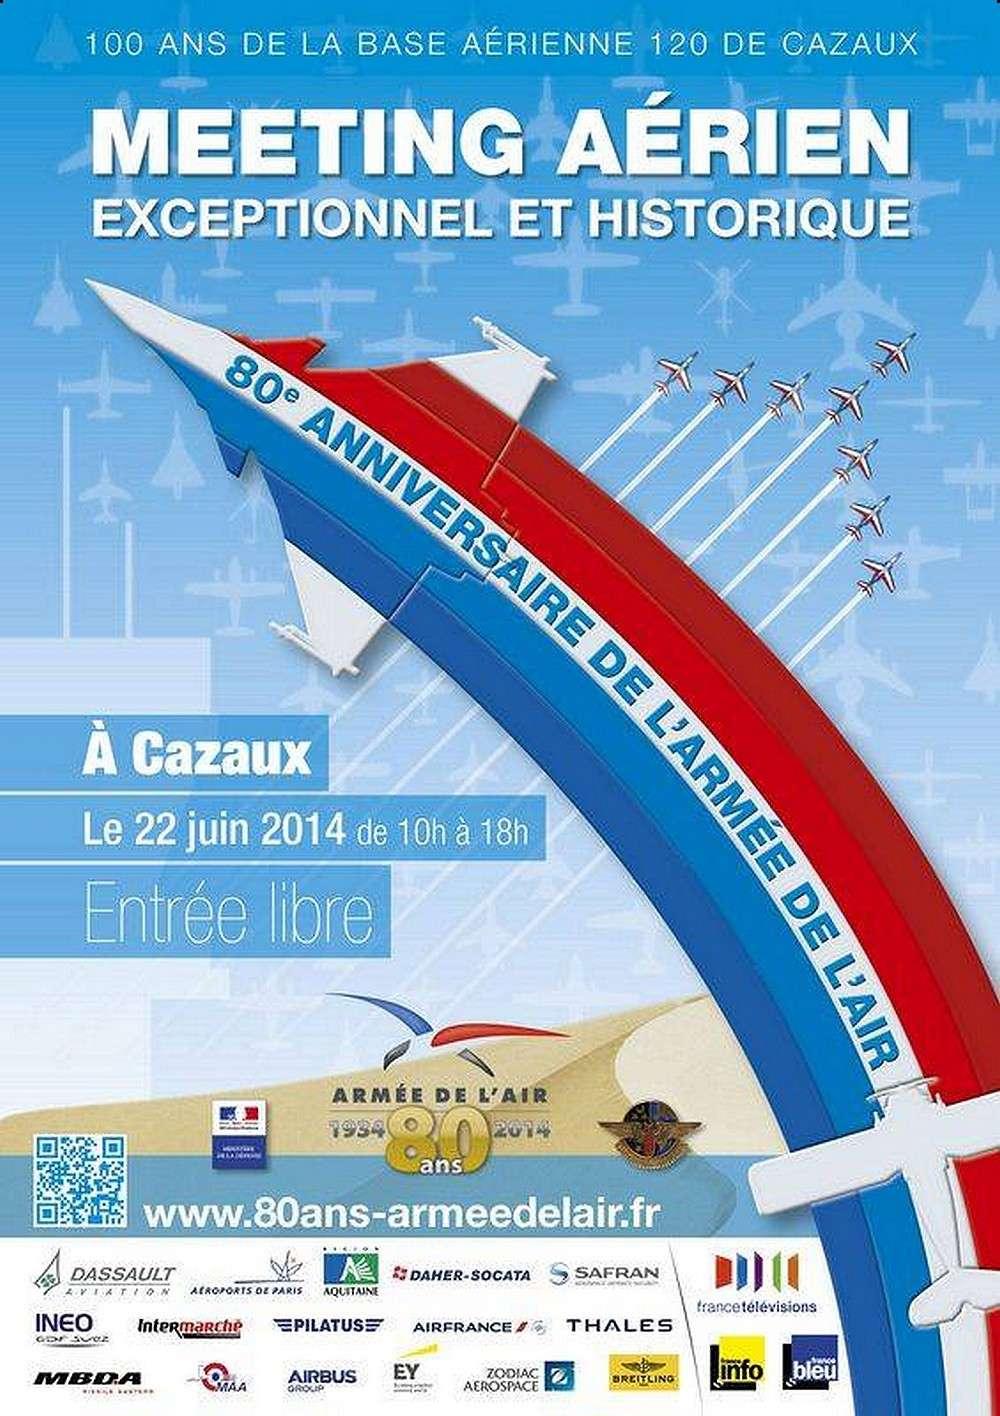 MNA CAZAUX 2014,Meeting Aerien BA-120 Cazaux 2014,80ans armée de l'air ,21 et 22 juin,Meeting Aerien 2014,Manifestation Aerienne 2014, French Airshow 2014